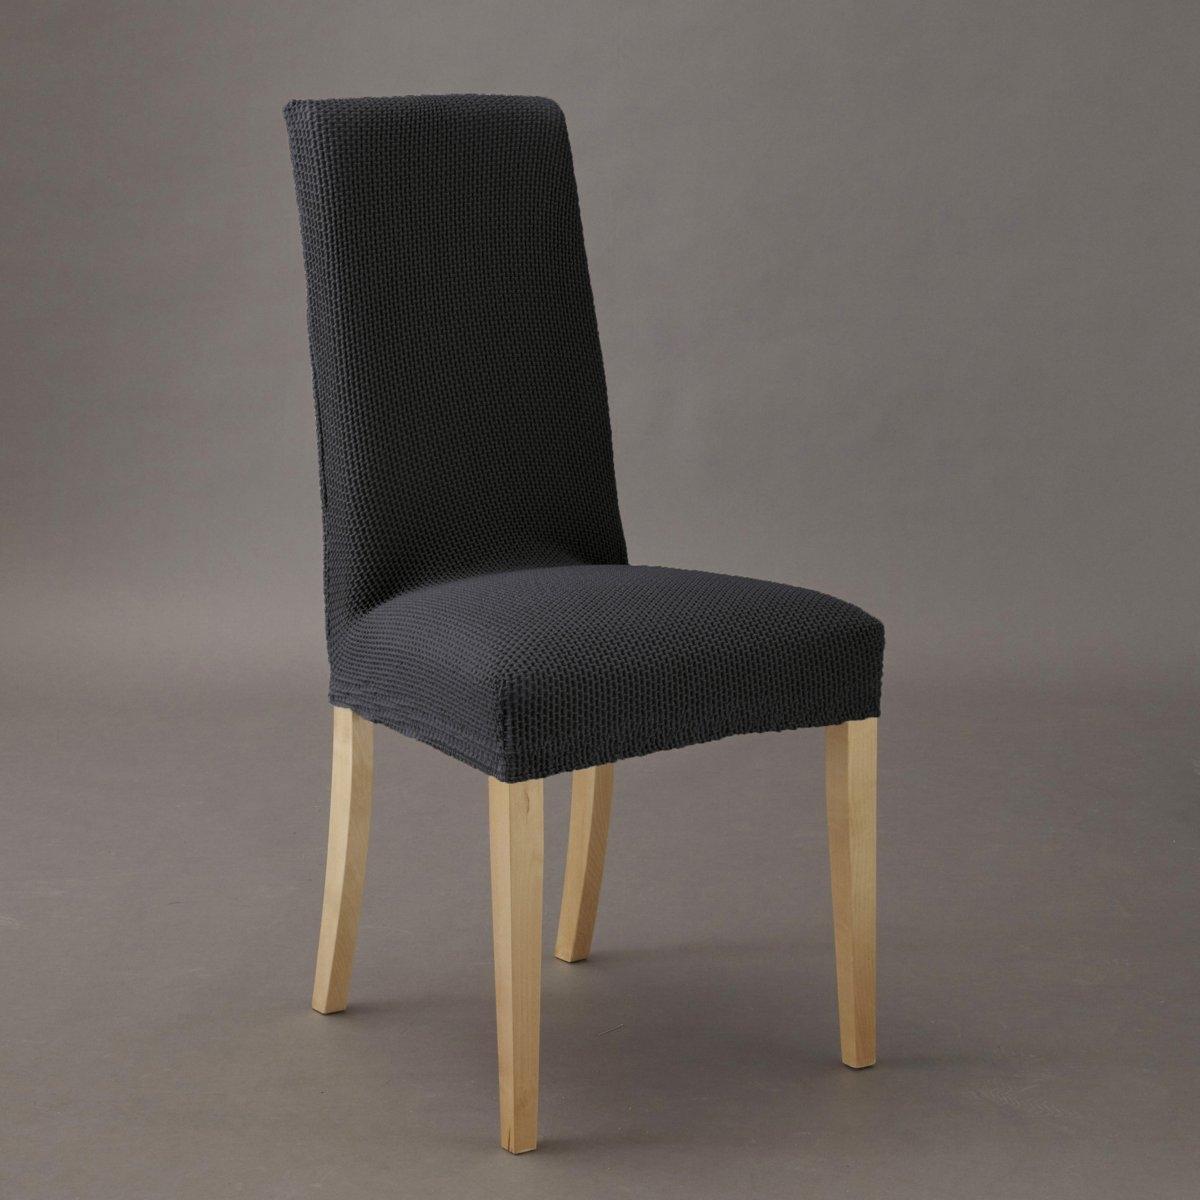 Чехол для стула АхмисХарактеристики : -гофрированная ткань, 55% хлопка, 40% полиэстера, 5% эластана  стирка при 30° .  Эластичный низ, идеально обтягивает стул  !Размеры : Спинка :Высота  : 54 см максимум 68 см Ширина  : 34 см максимум 53 см Сиденье :Высота  : 10 см Ширина  : 29 см максимум 54 см Глубина : 26 см максимум 43 см Чехол для дивана и чехол для кресла из коллекции Вы можете найти на laredoute . ru .<br><br>Цвет: антрацит,бежевый,красный,серо-коричневый каштан,серый,черный<br>Размер: единый размер.единый размер